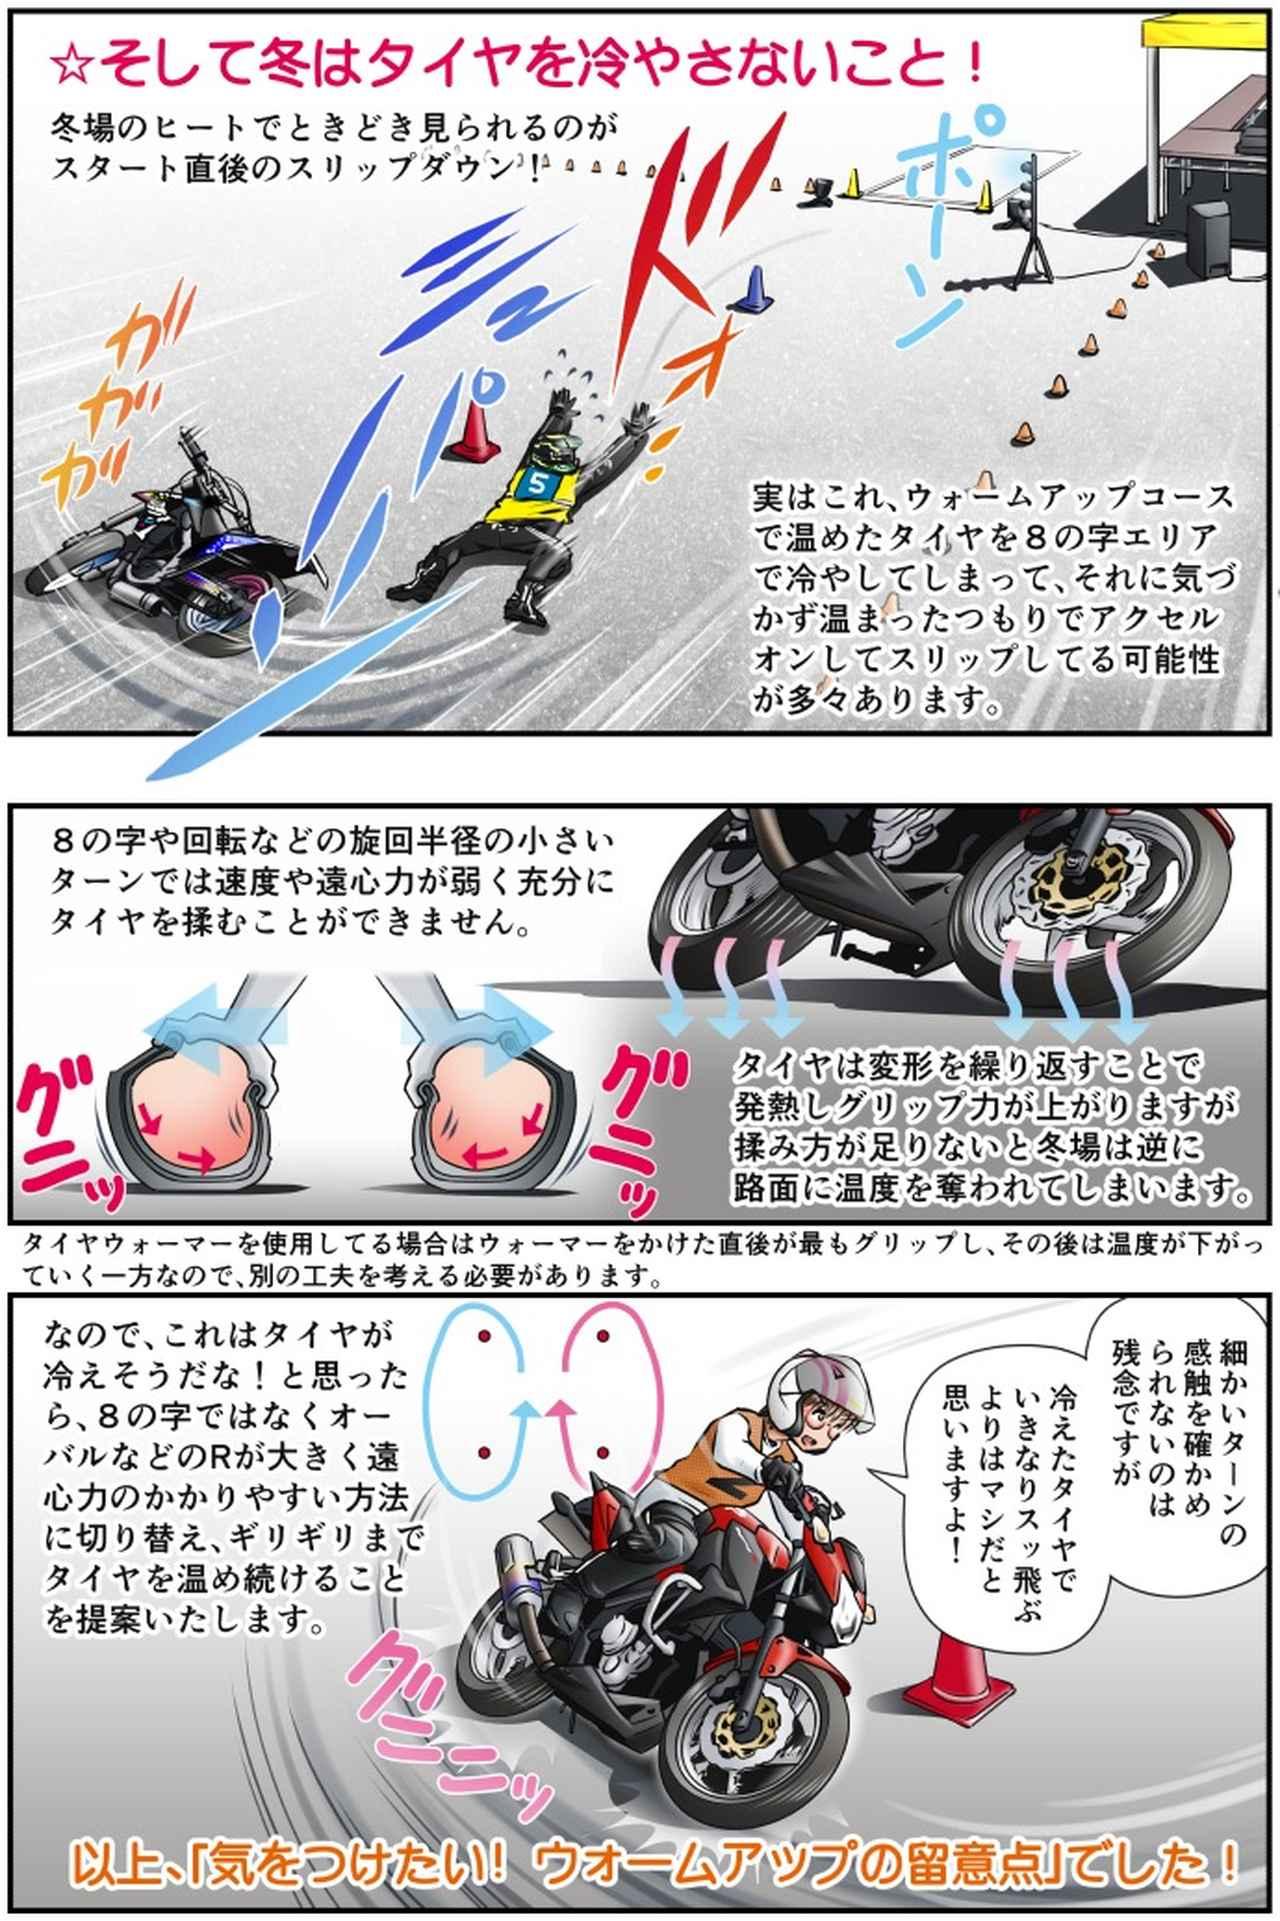 画像4: Motoジム! おまけのコーナー (大会のウォームアップで気をつけたいこと!)  作・ばどみゅーみん